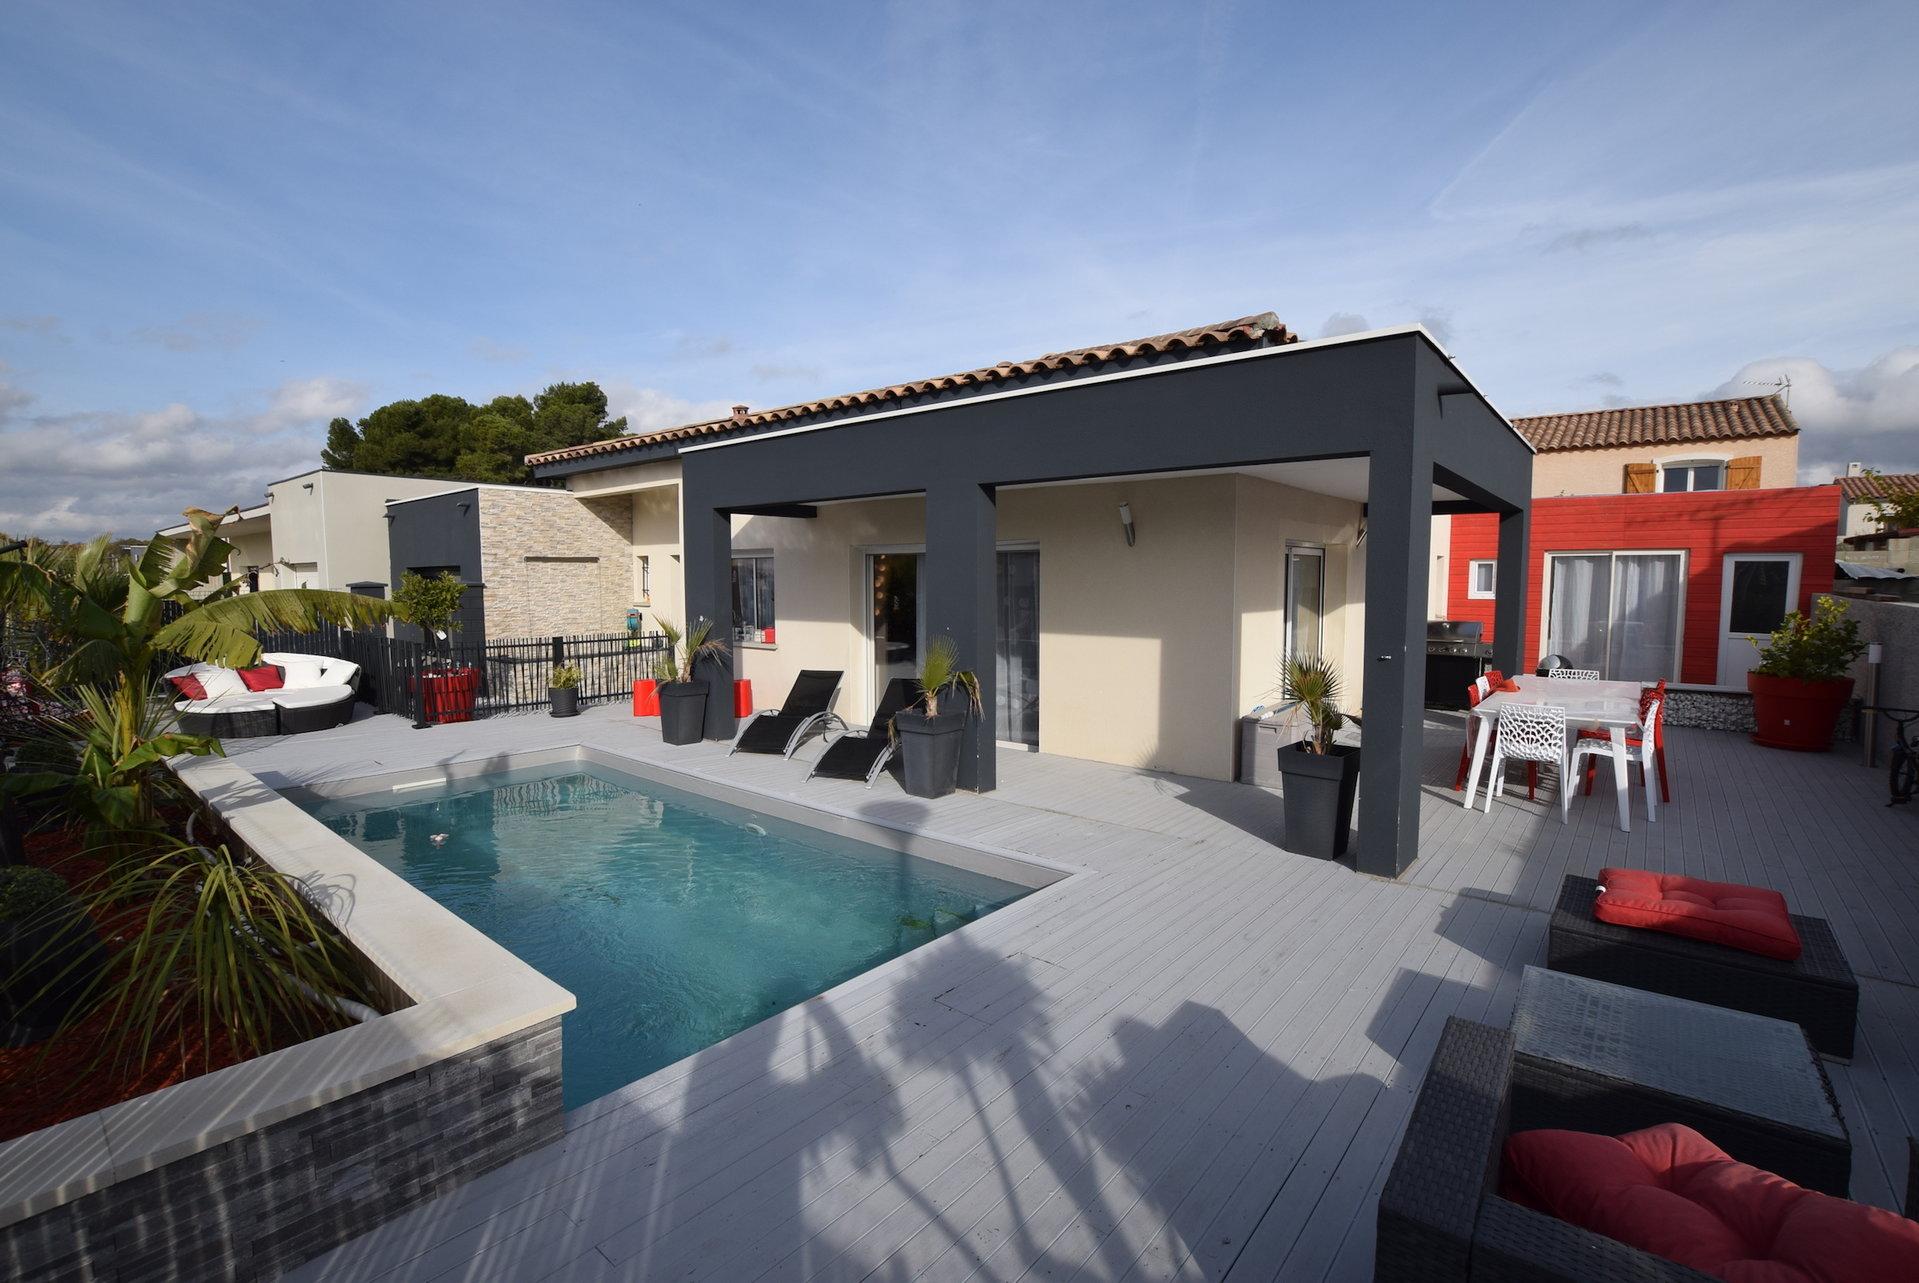 Maison de plain pied T6 + piscine